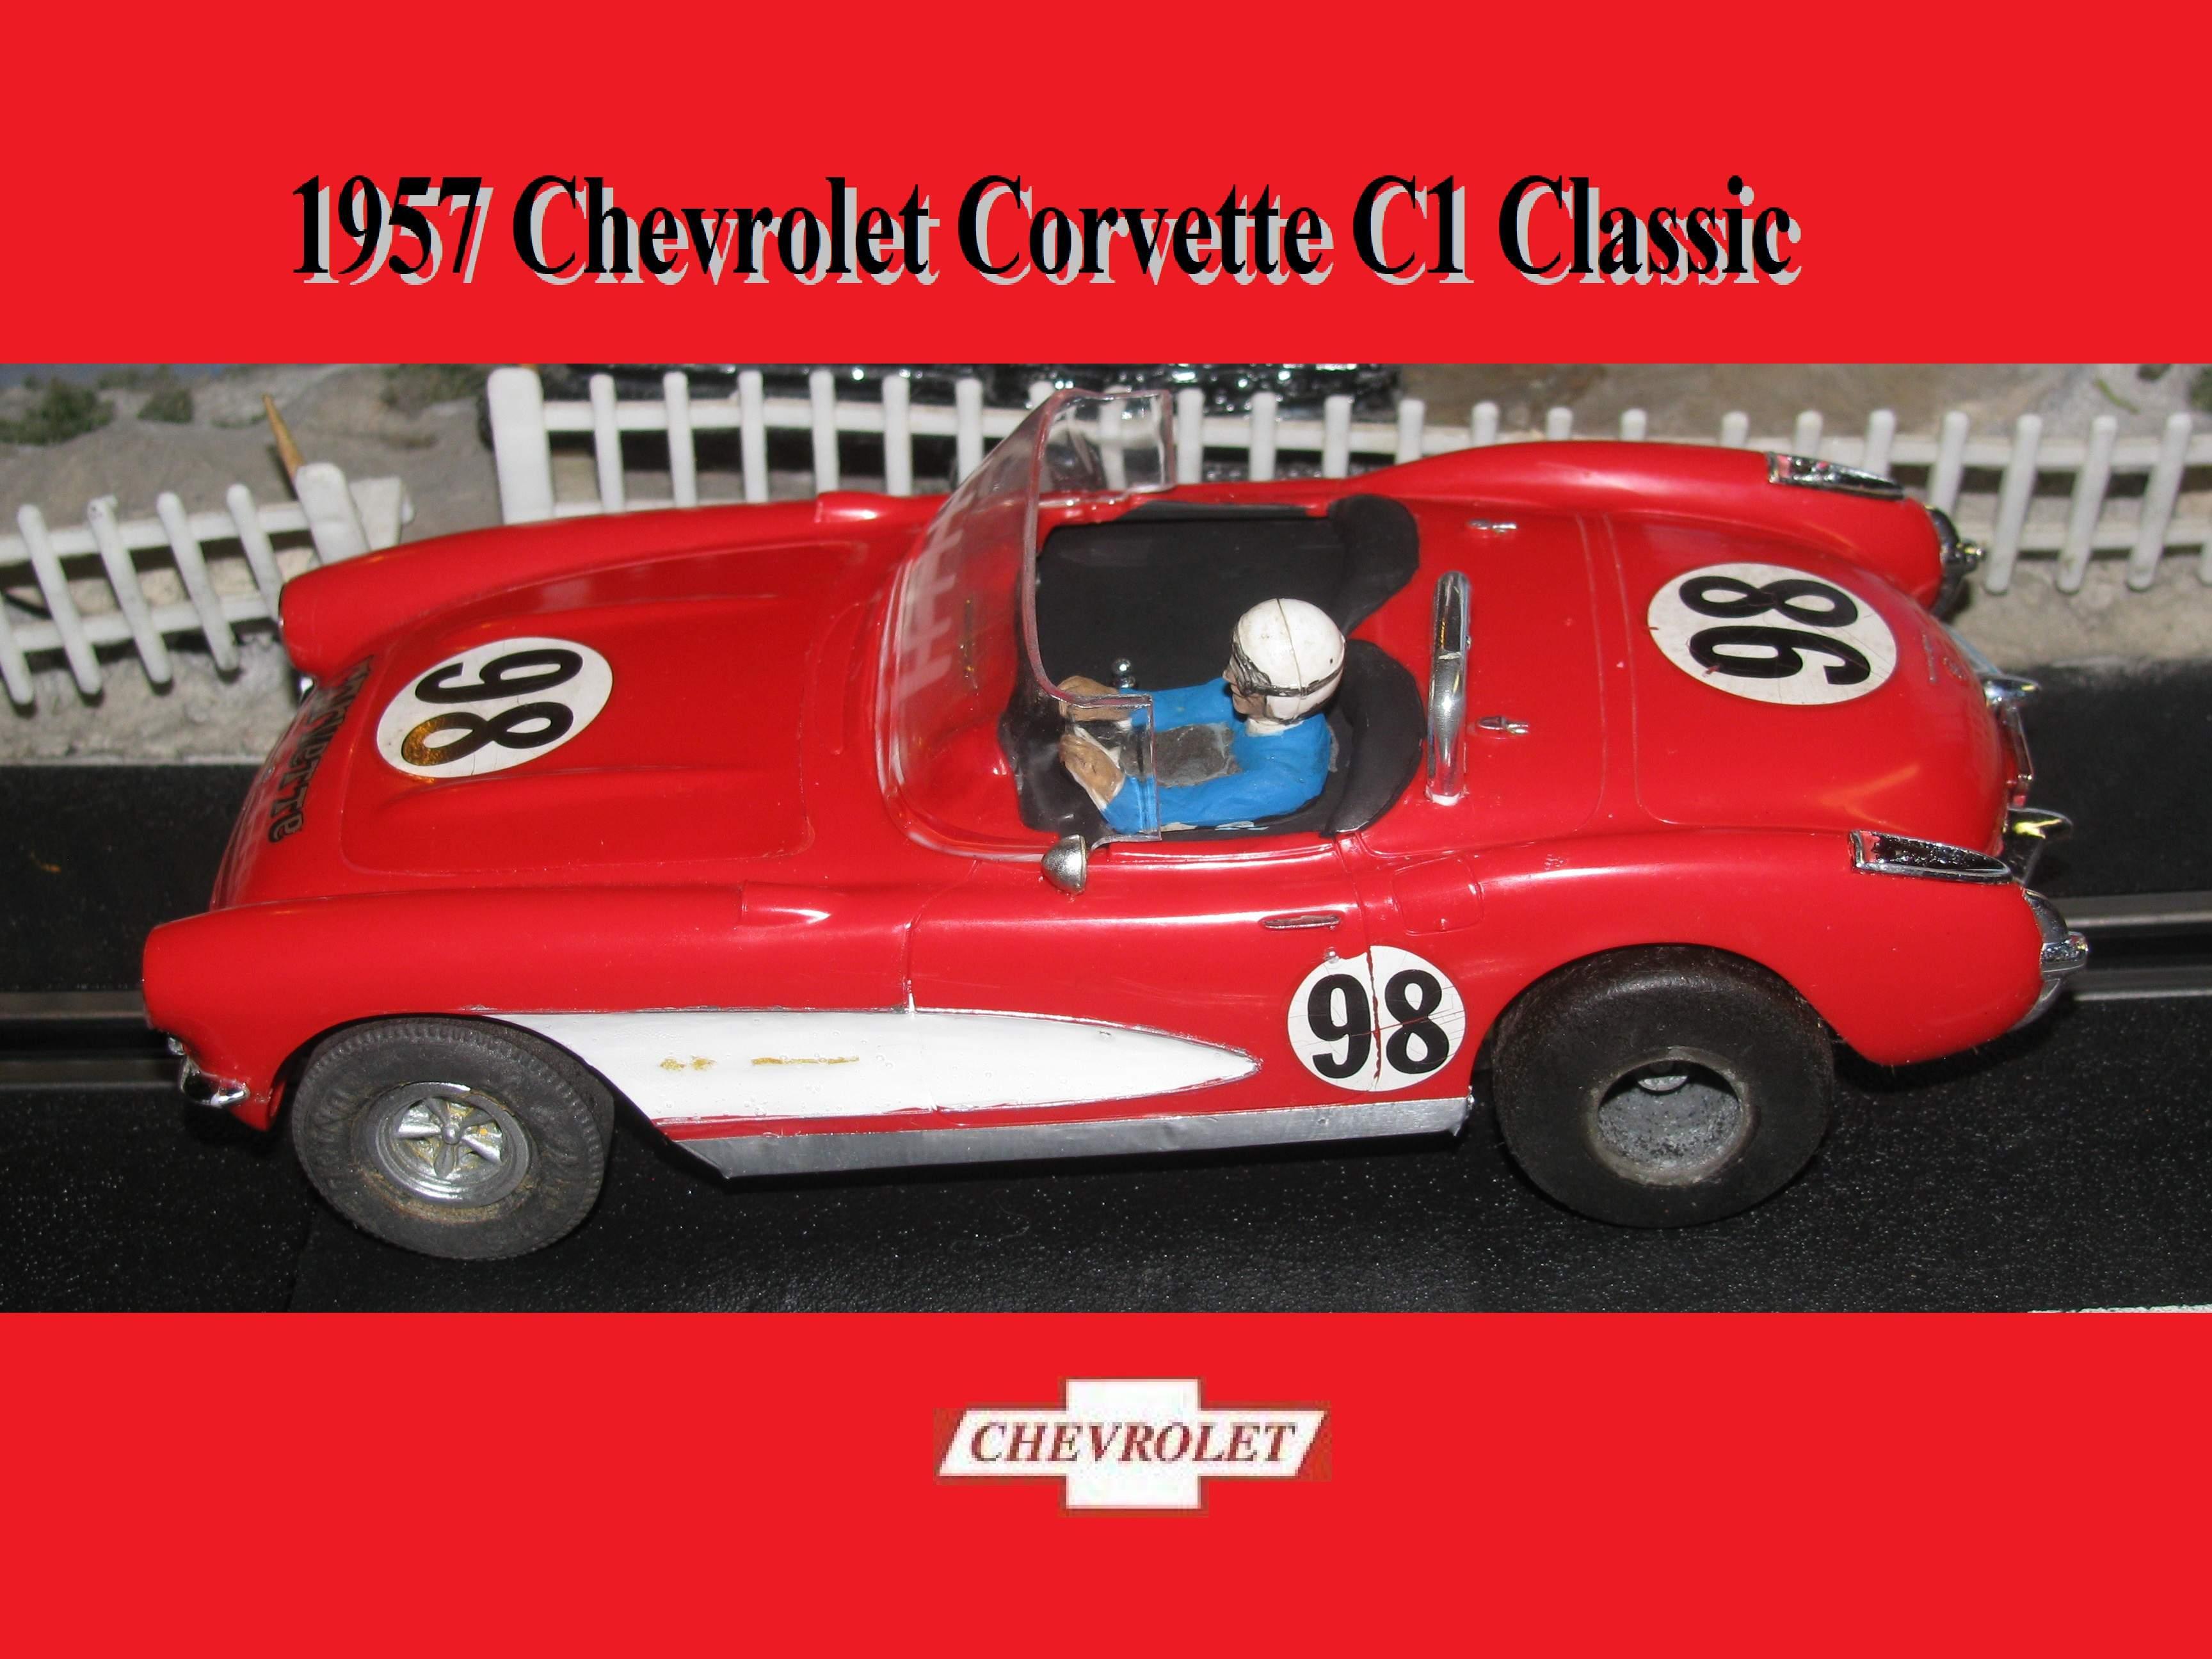 * Sale * 1957 Chevrolet Corvette C1 Classic 1/24 Scale Slot Car 98